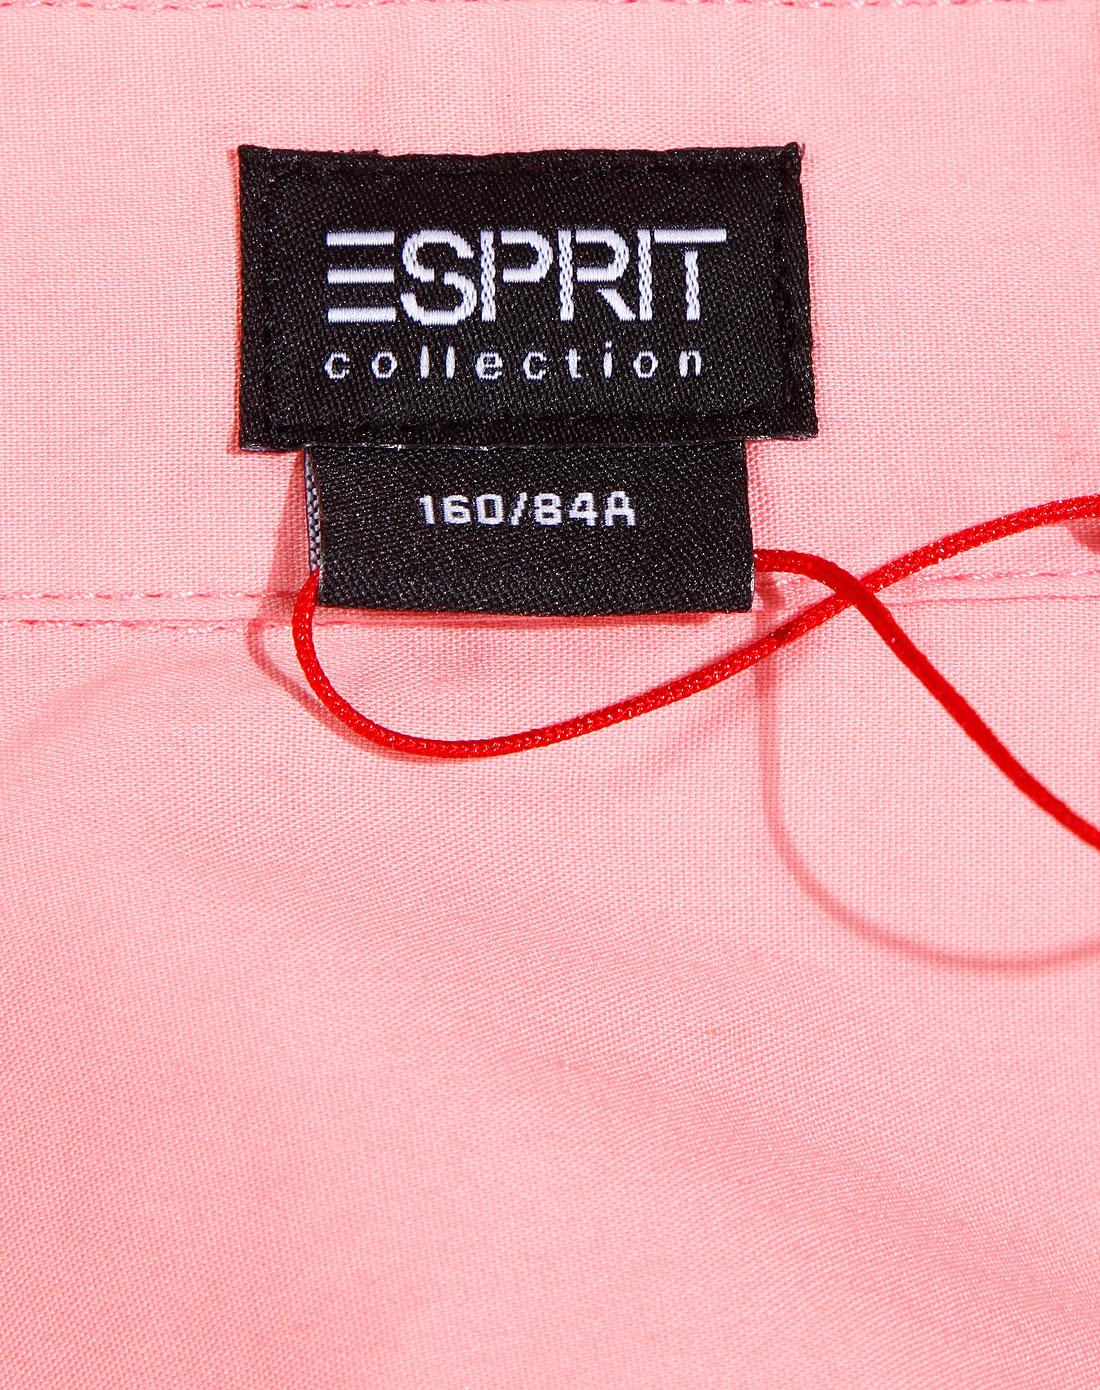 Esprit 女款粉红色翻领长袖衬衣 埃斯普利特Esprit官网特价2.5图片